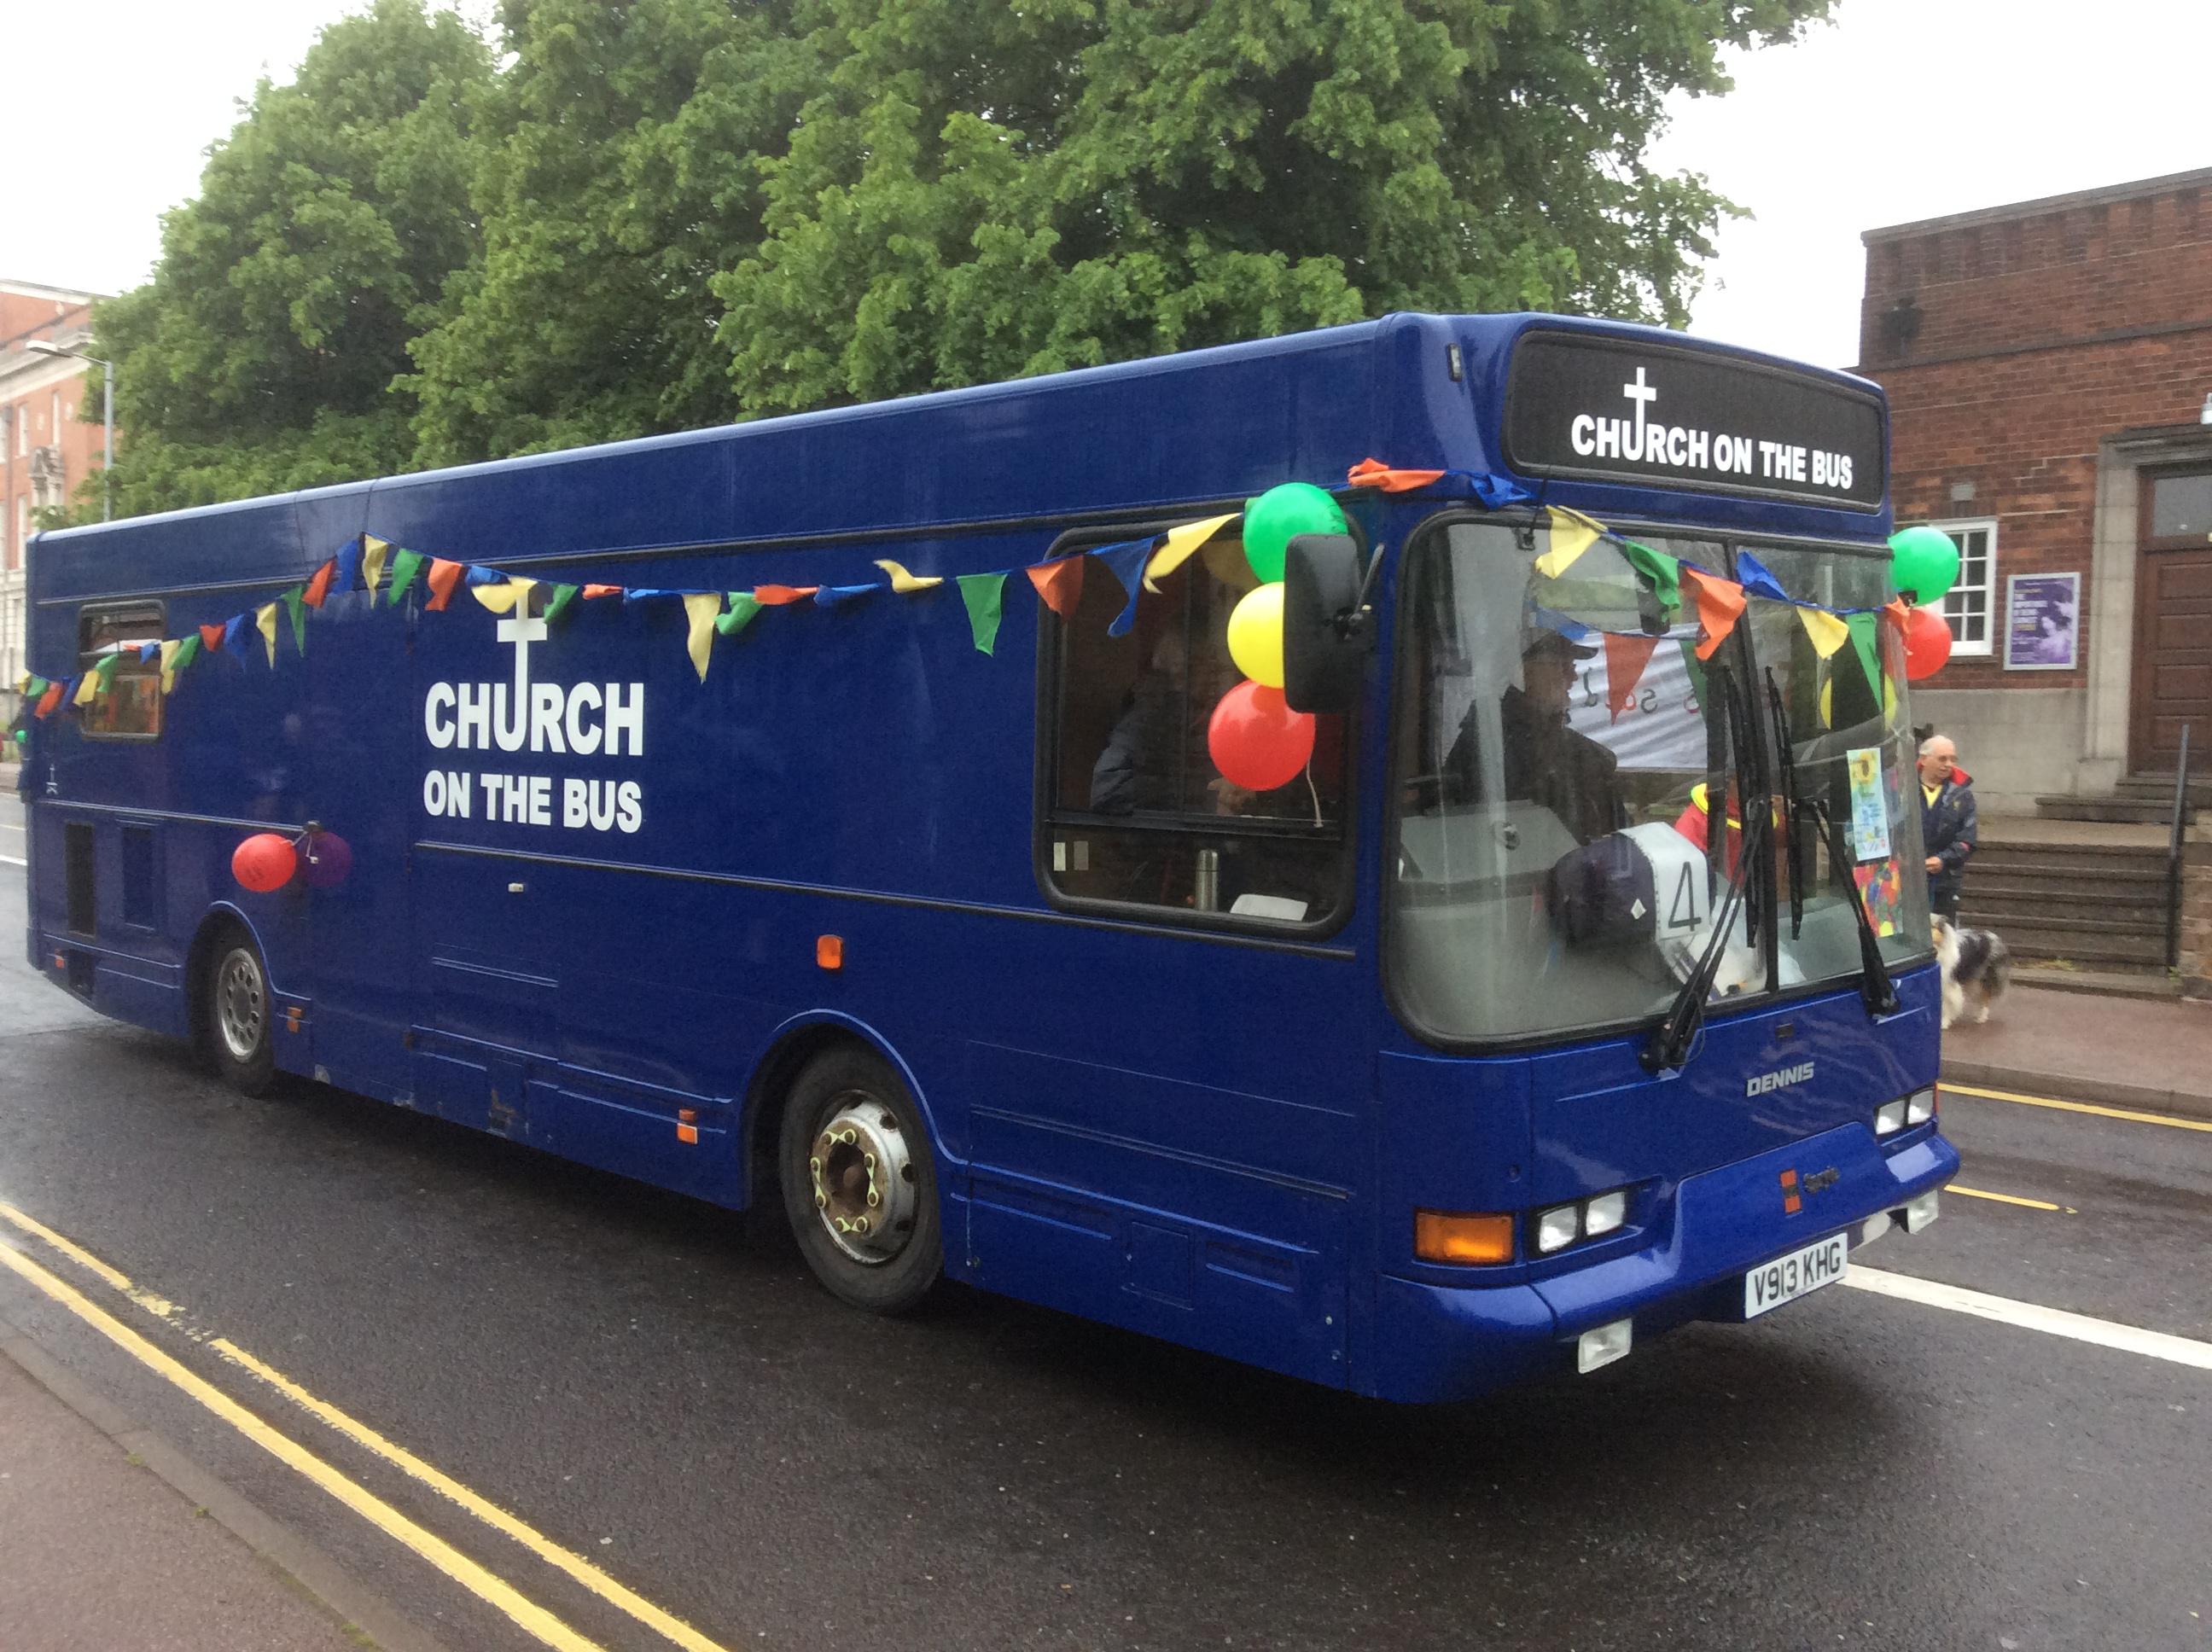 Our Bus looking very maart